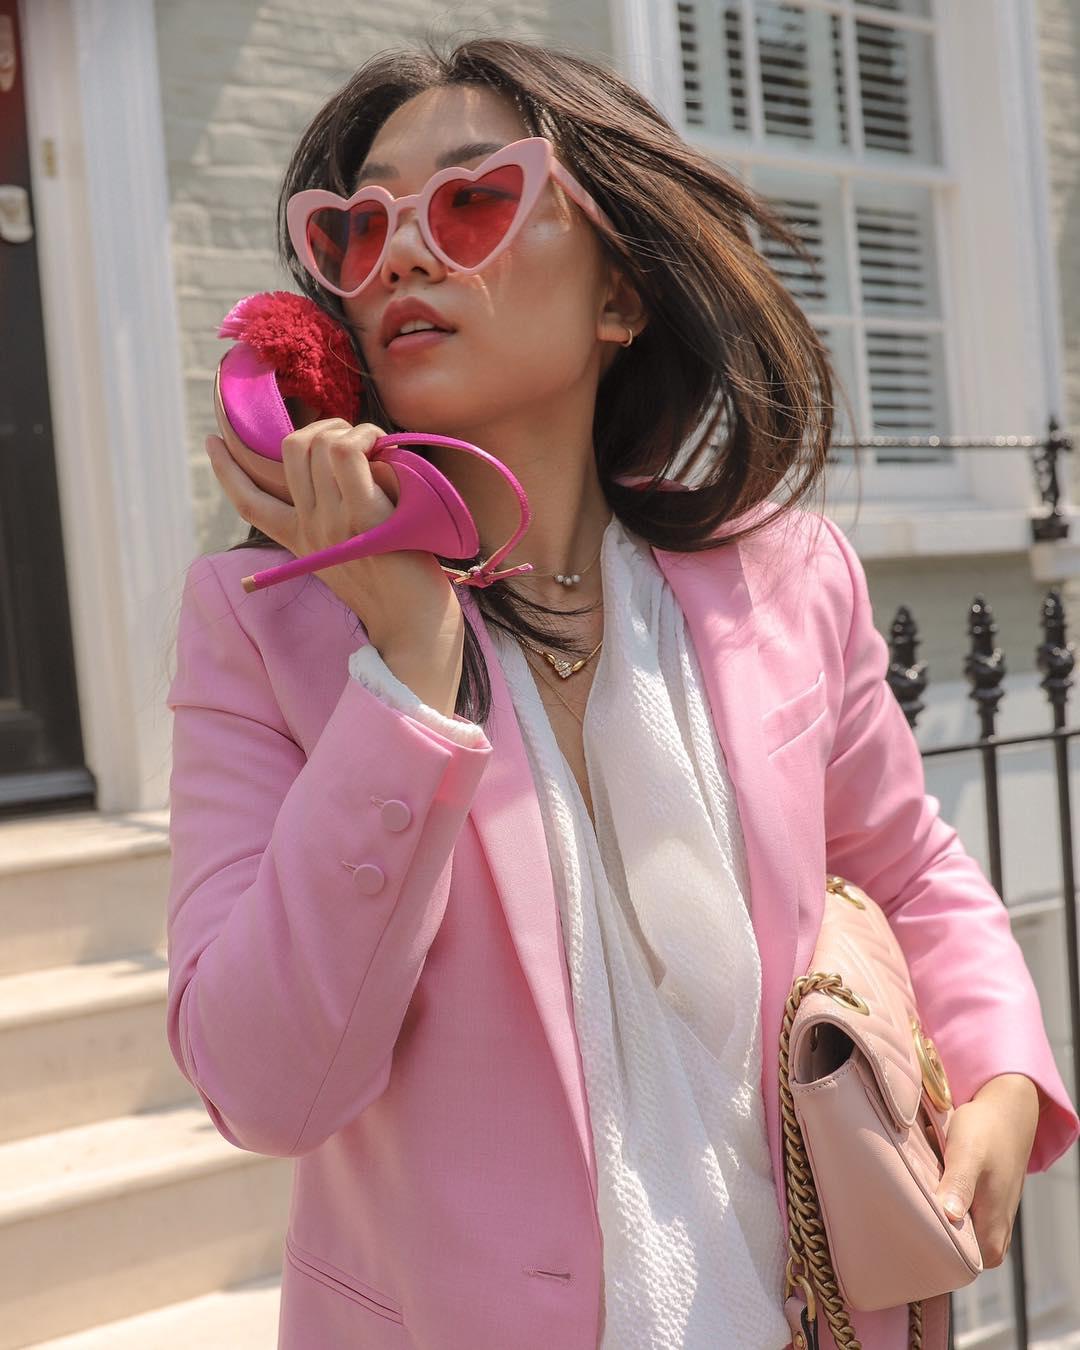 Thời trang cung hoàng đạo nhân mã tháng 5 - Blazer hồng và mắt kính trái tim